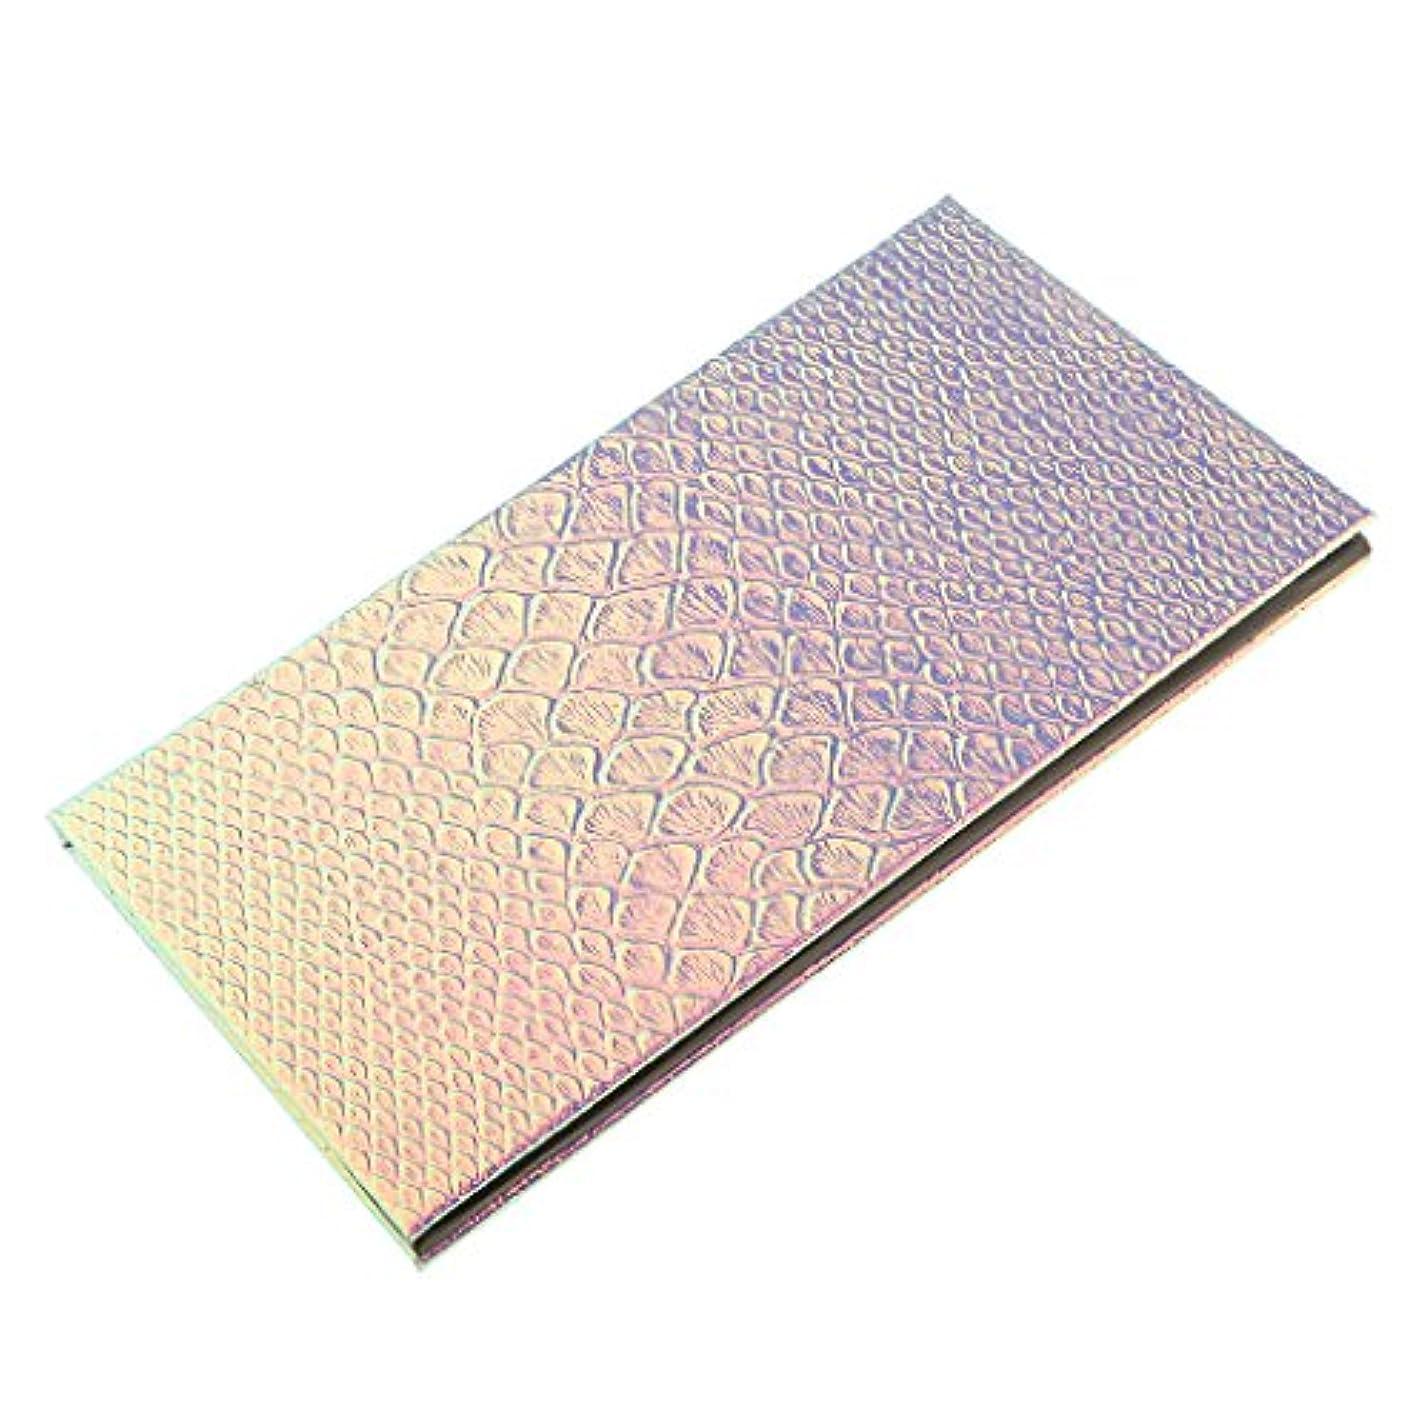 操縦するロール口径磁気パレットボックス 空の磁気パレット メイクアップ 化粧 コスメ 収納 ボックス 全2サイズ選べ - 18x10cm